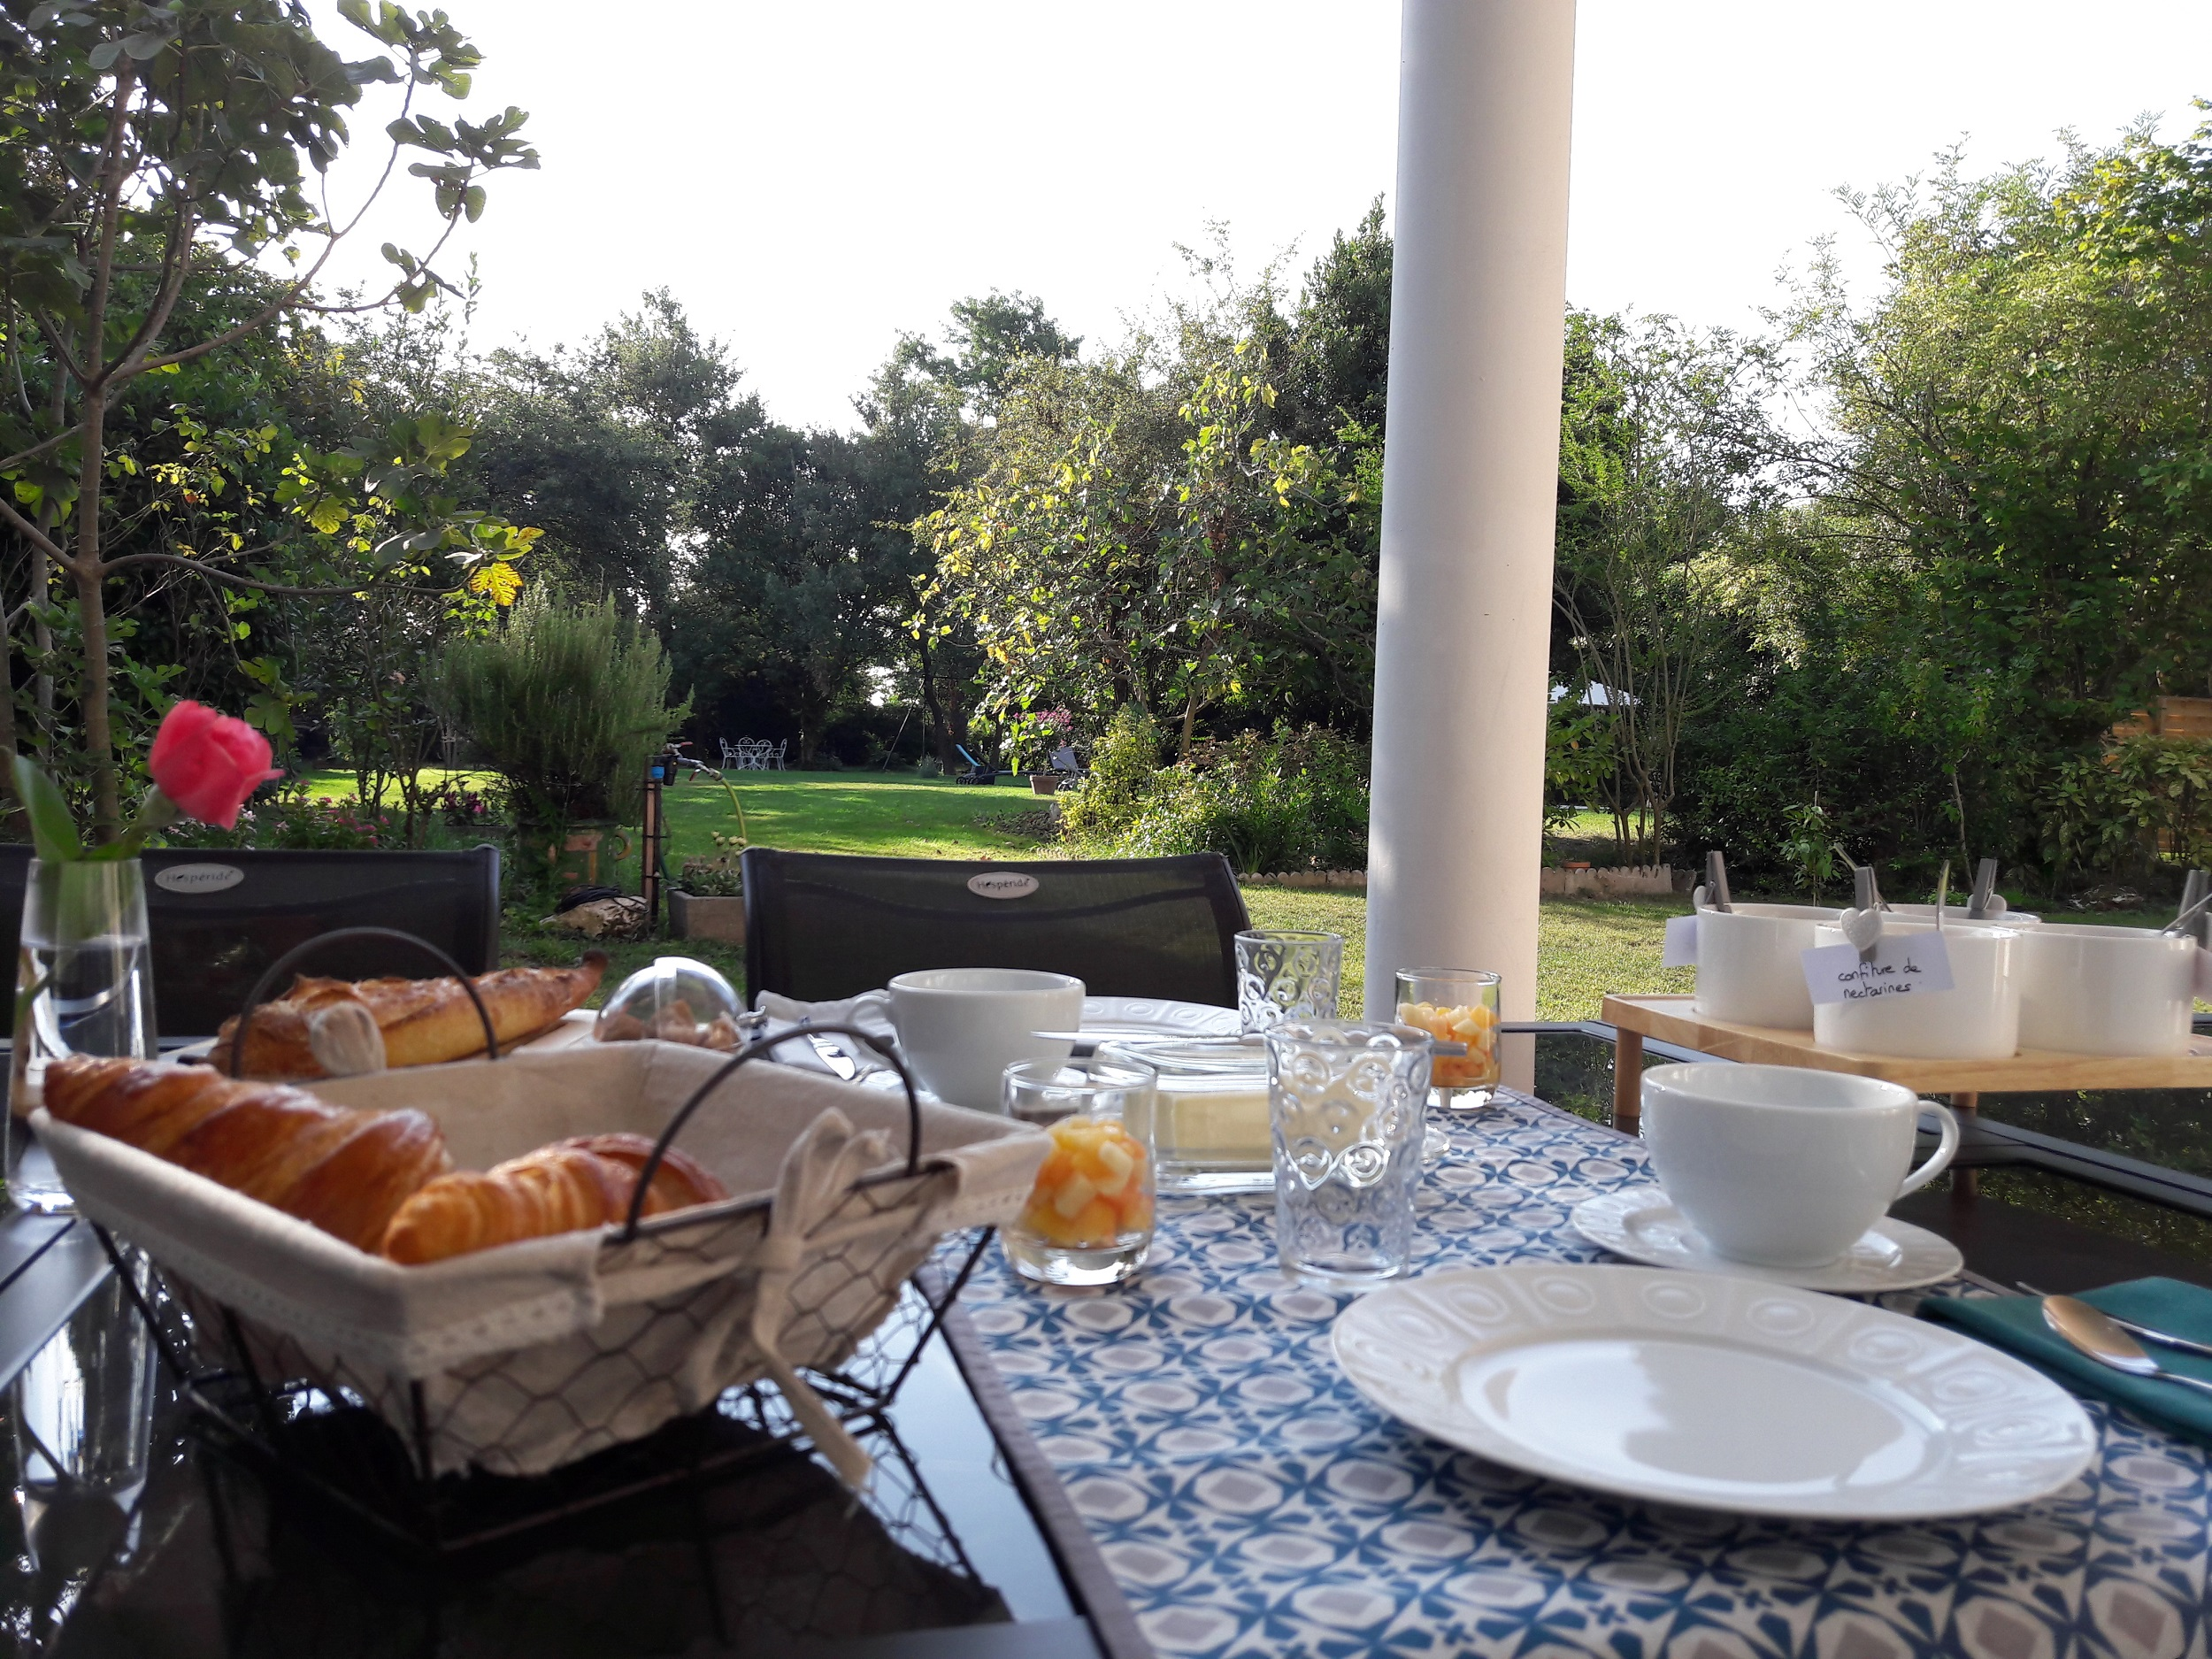 Petit-déjeuner servi en terrasse avec vue sur le jardin